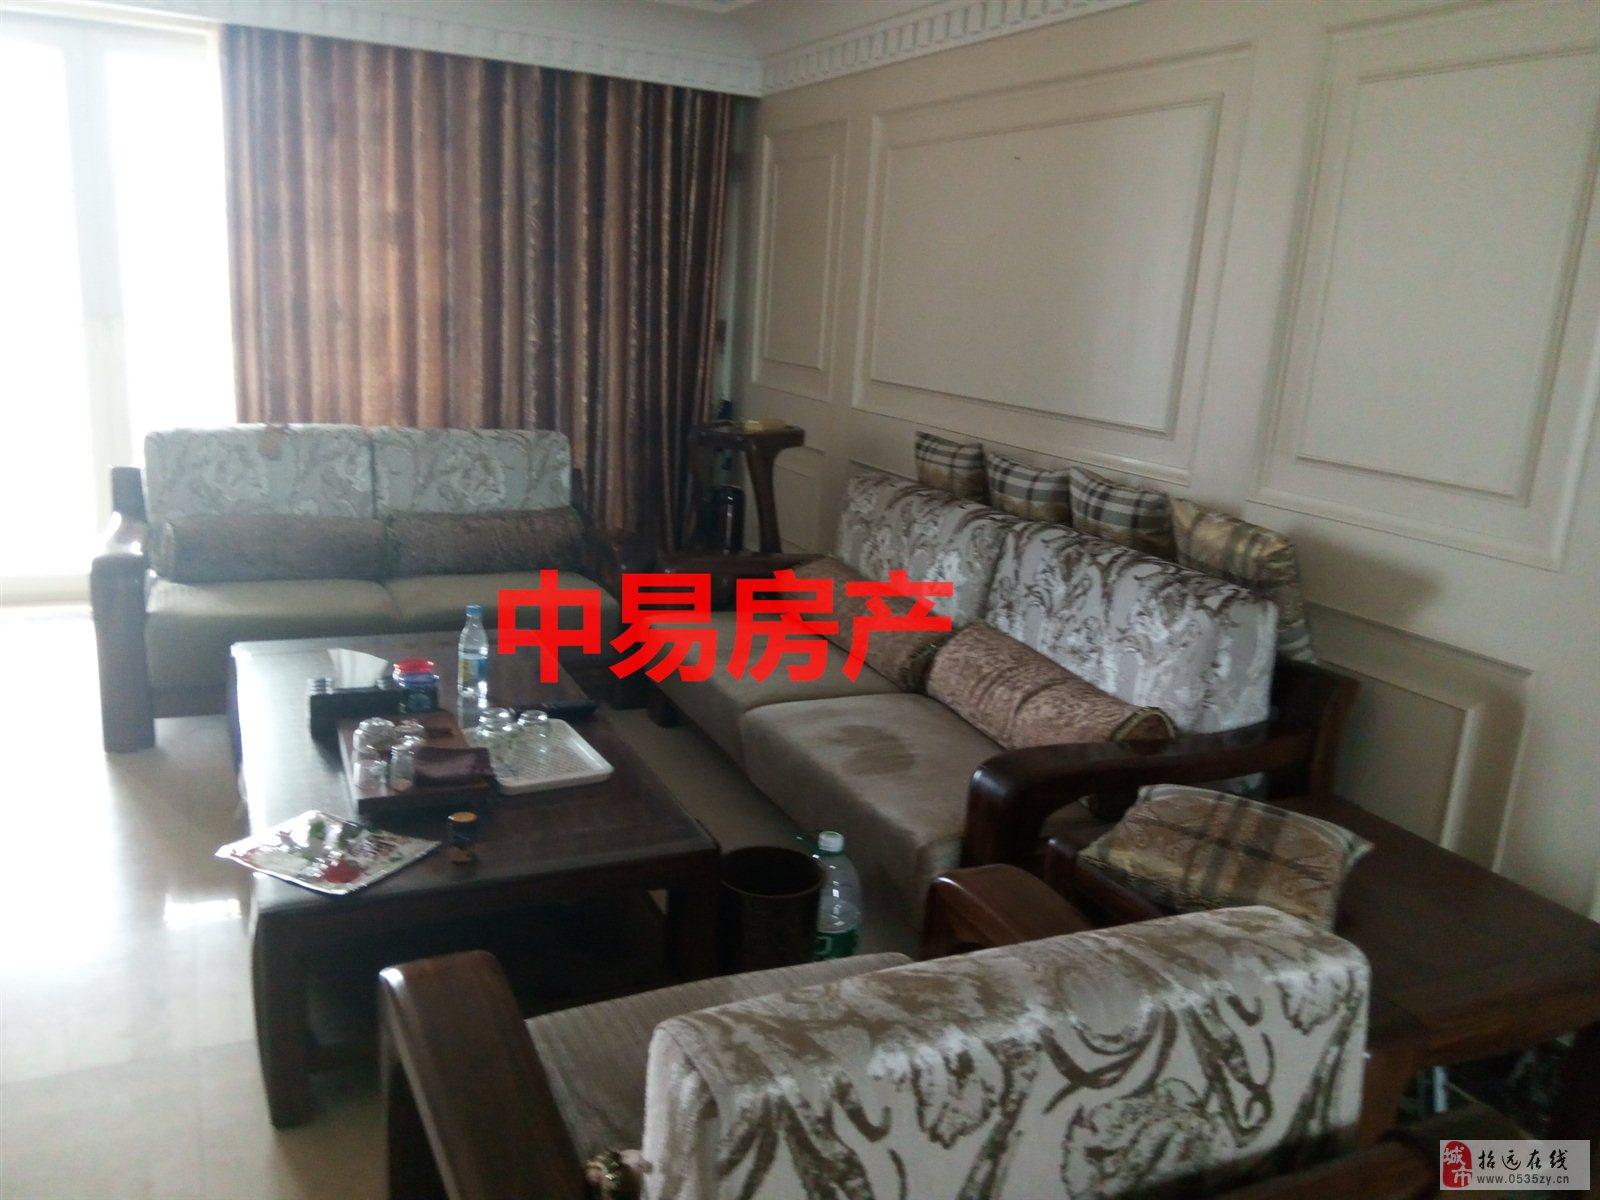 9553招远出售金晖观景苑12楼,185平米豪华装修